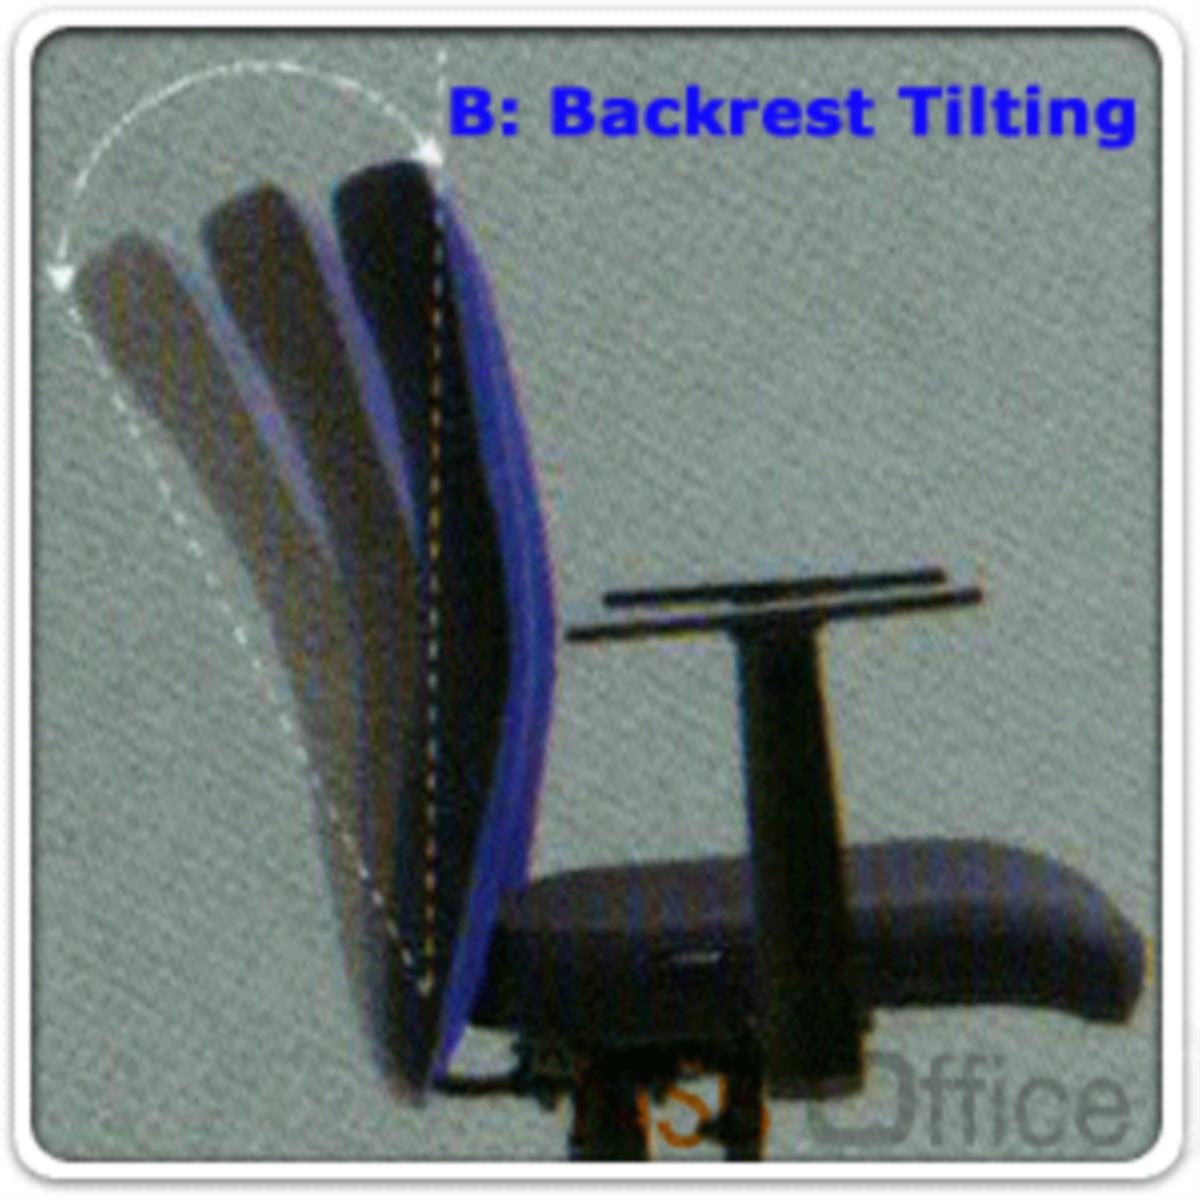 เก้าอี้สำนักงานหลังเน็ต รุ่น Herbert (เฮอร์เบิร์ต)  โช๊คแก๊ส มีก้อนโยก ขาเหล็กชุบโครเมี่ยม